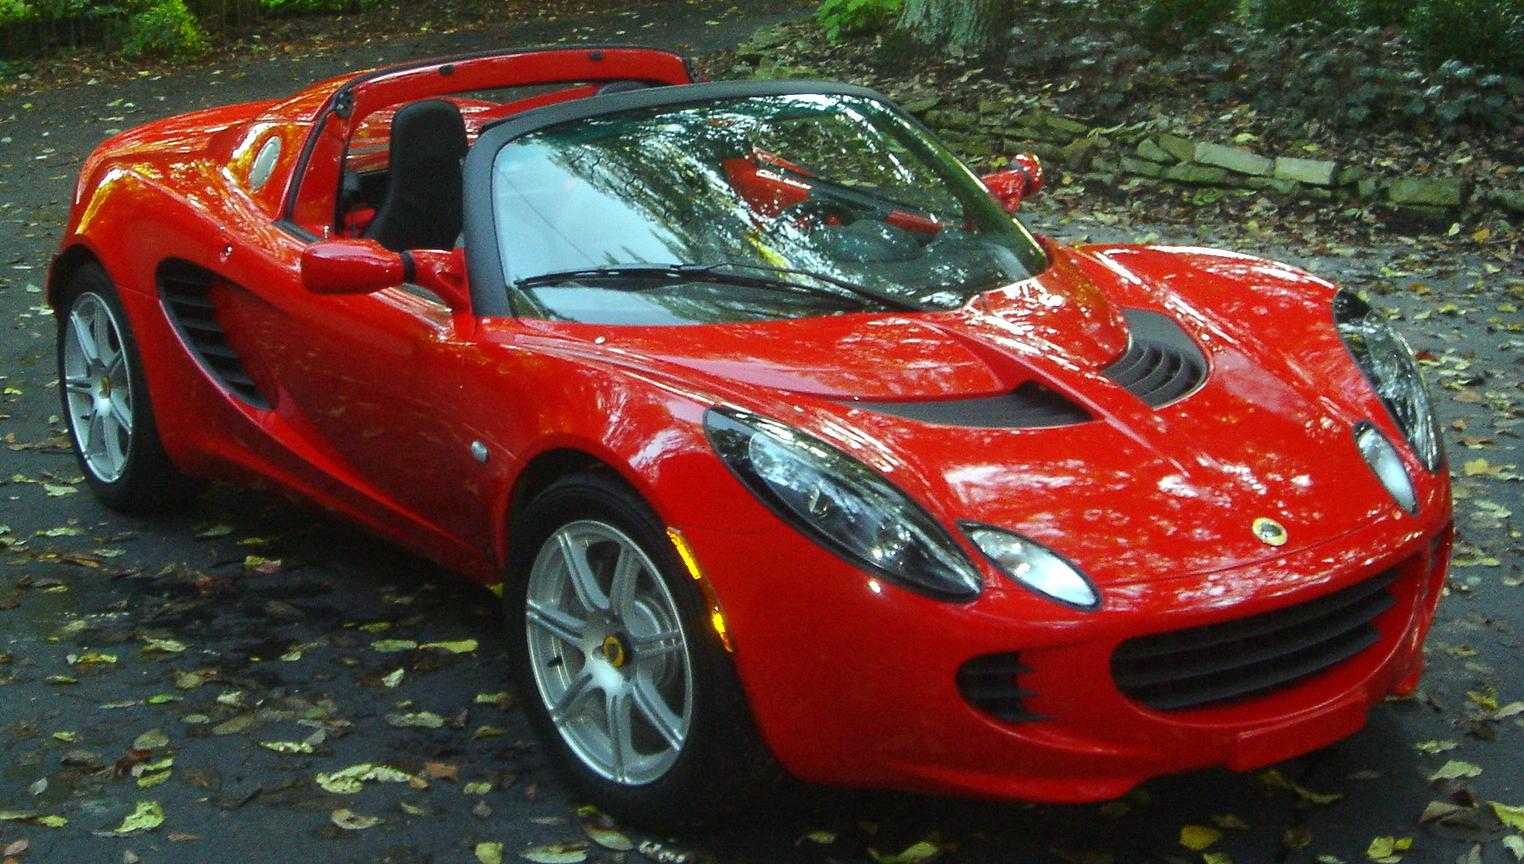 2005 Elise red/black for sale, 1,208 mi, Ohio - LotusTalk - The ...